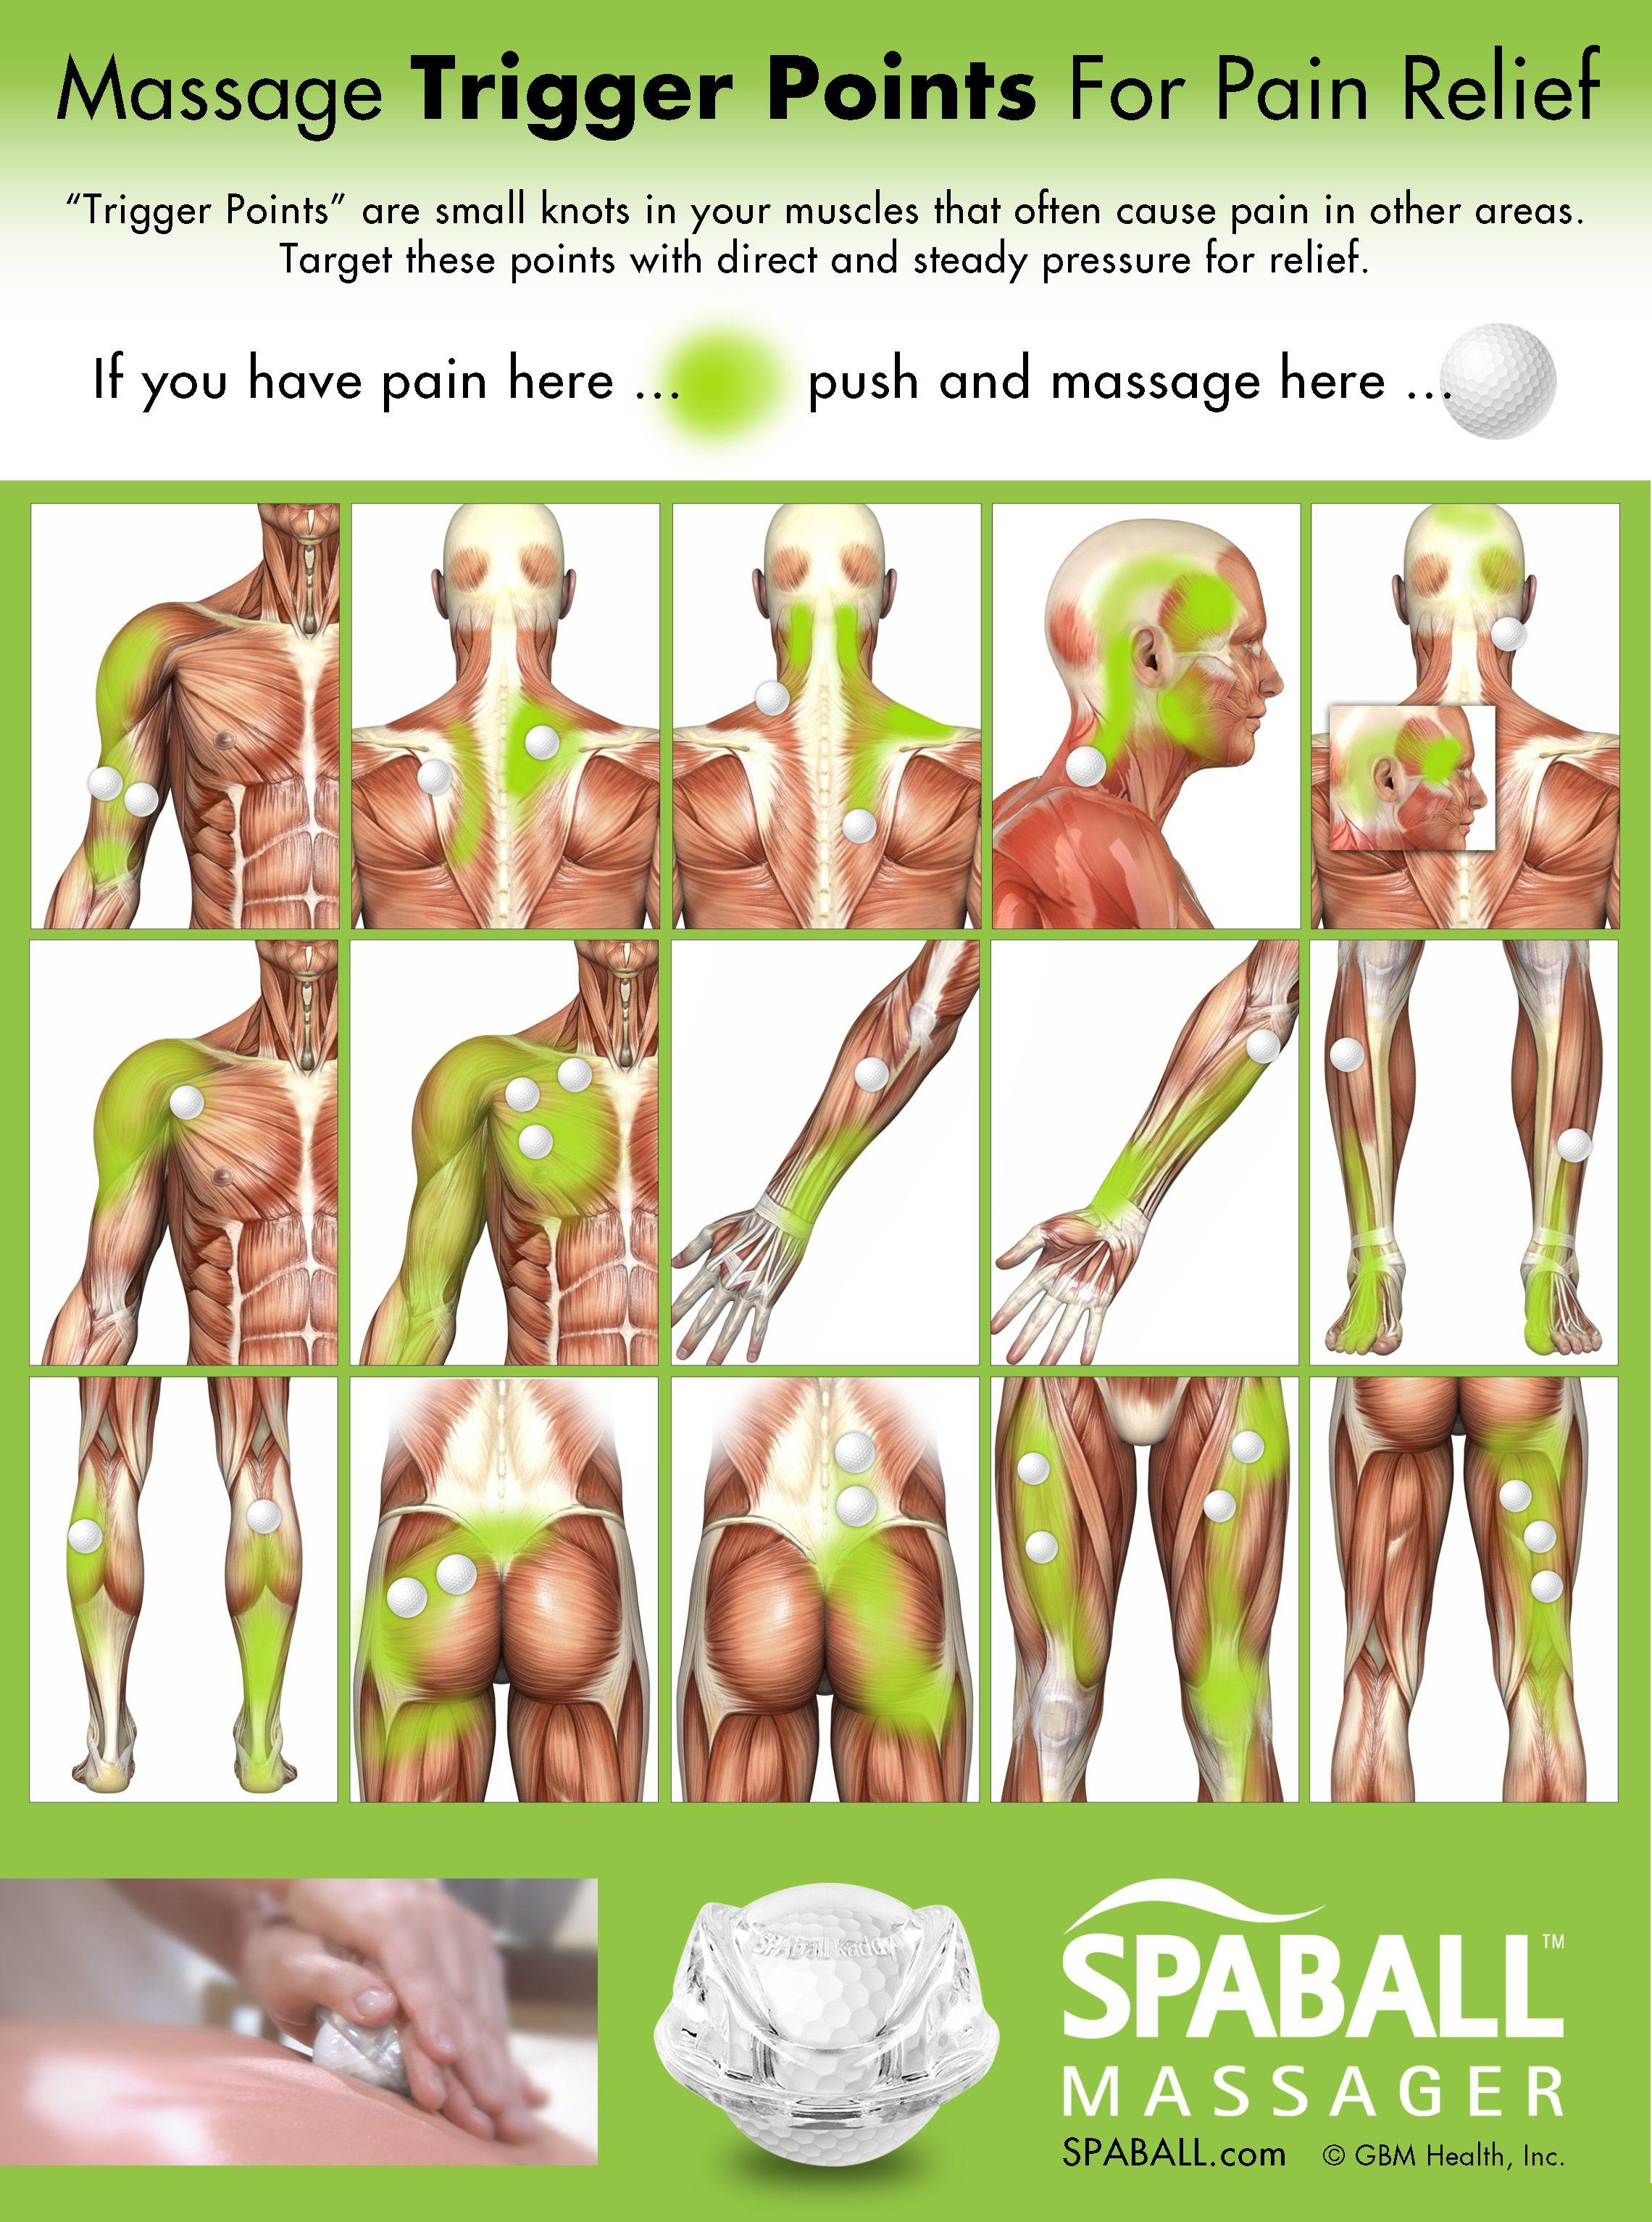 ujjízület gyulladás a stroke-ból